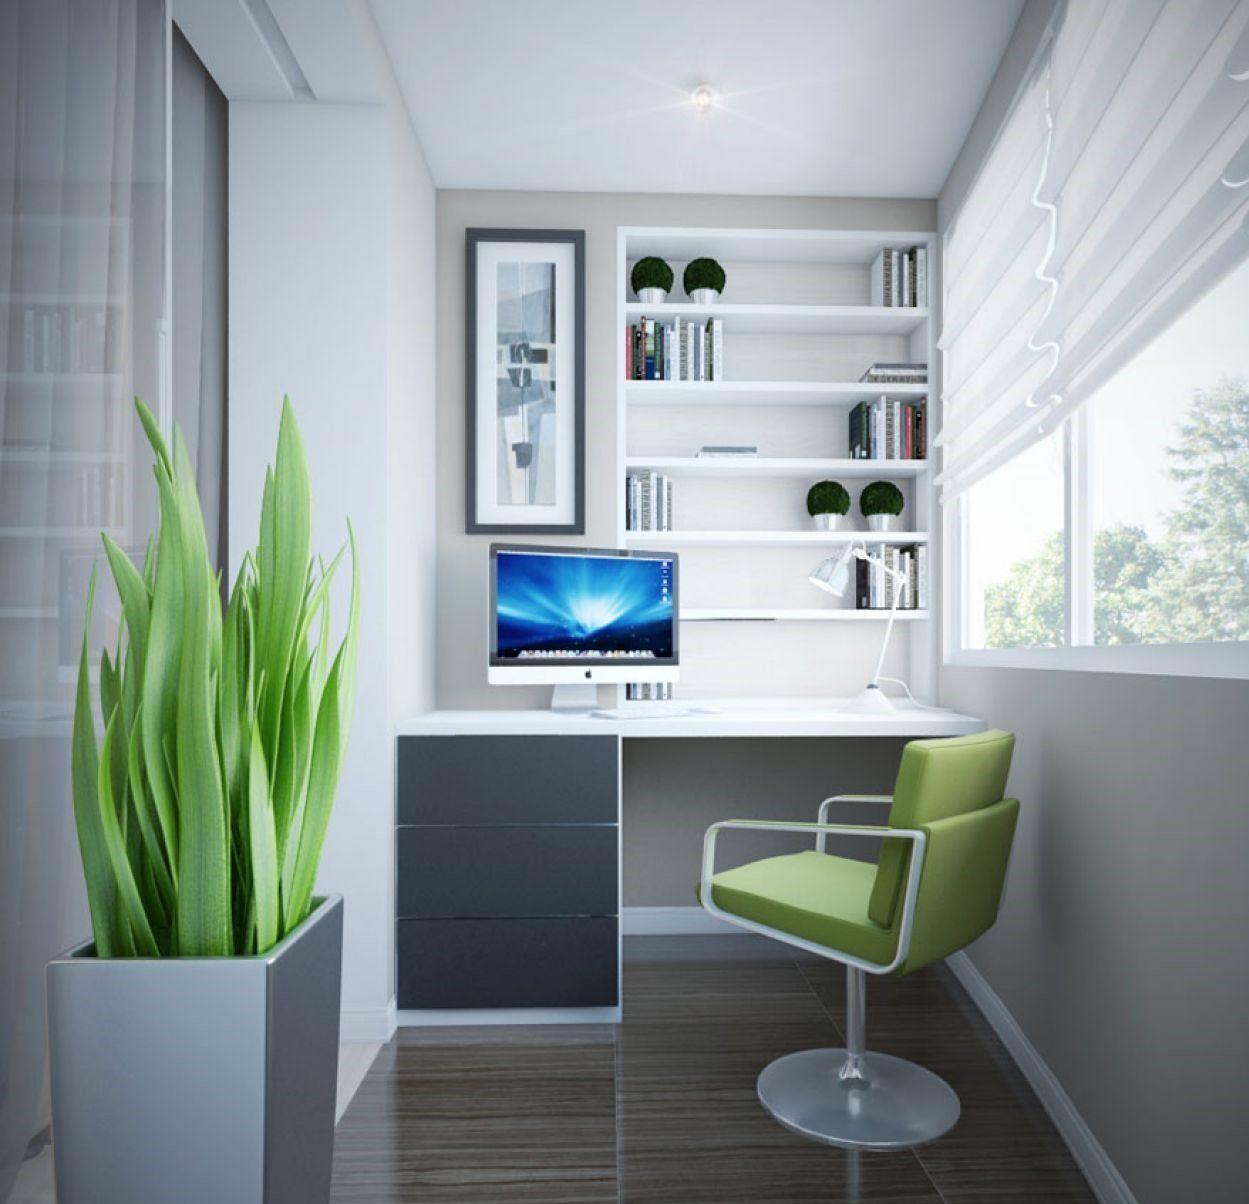 kompyuternyj-stol-na-balkone (17)